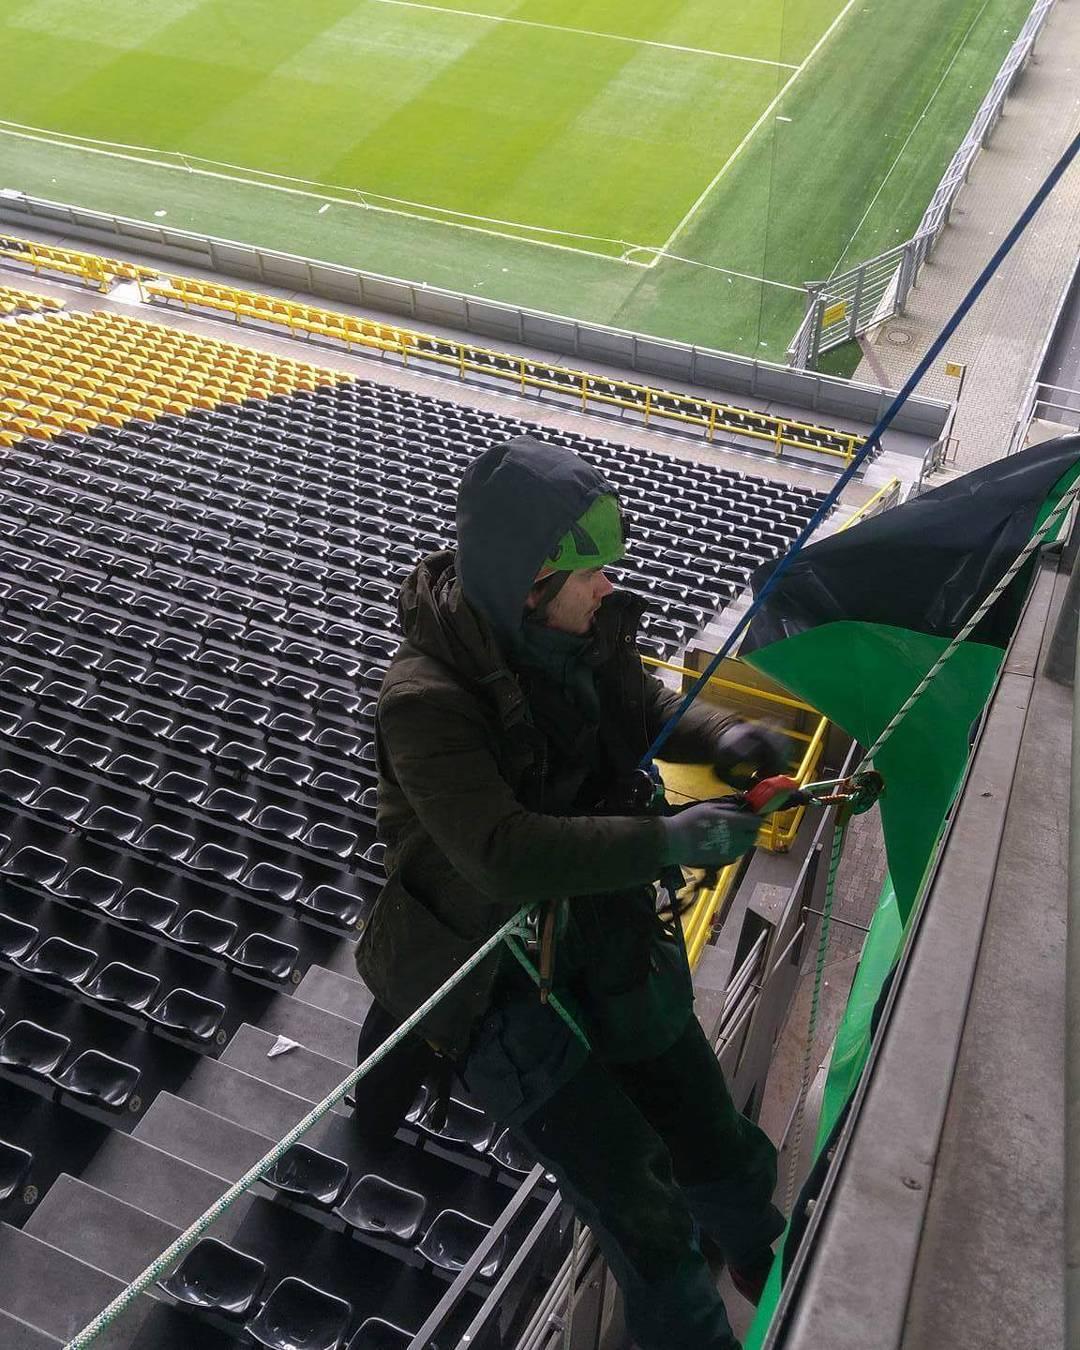 Montage von Werbebannern im Stadion des BVB09 durch Industriekletterer